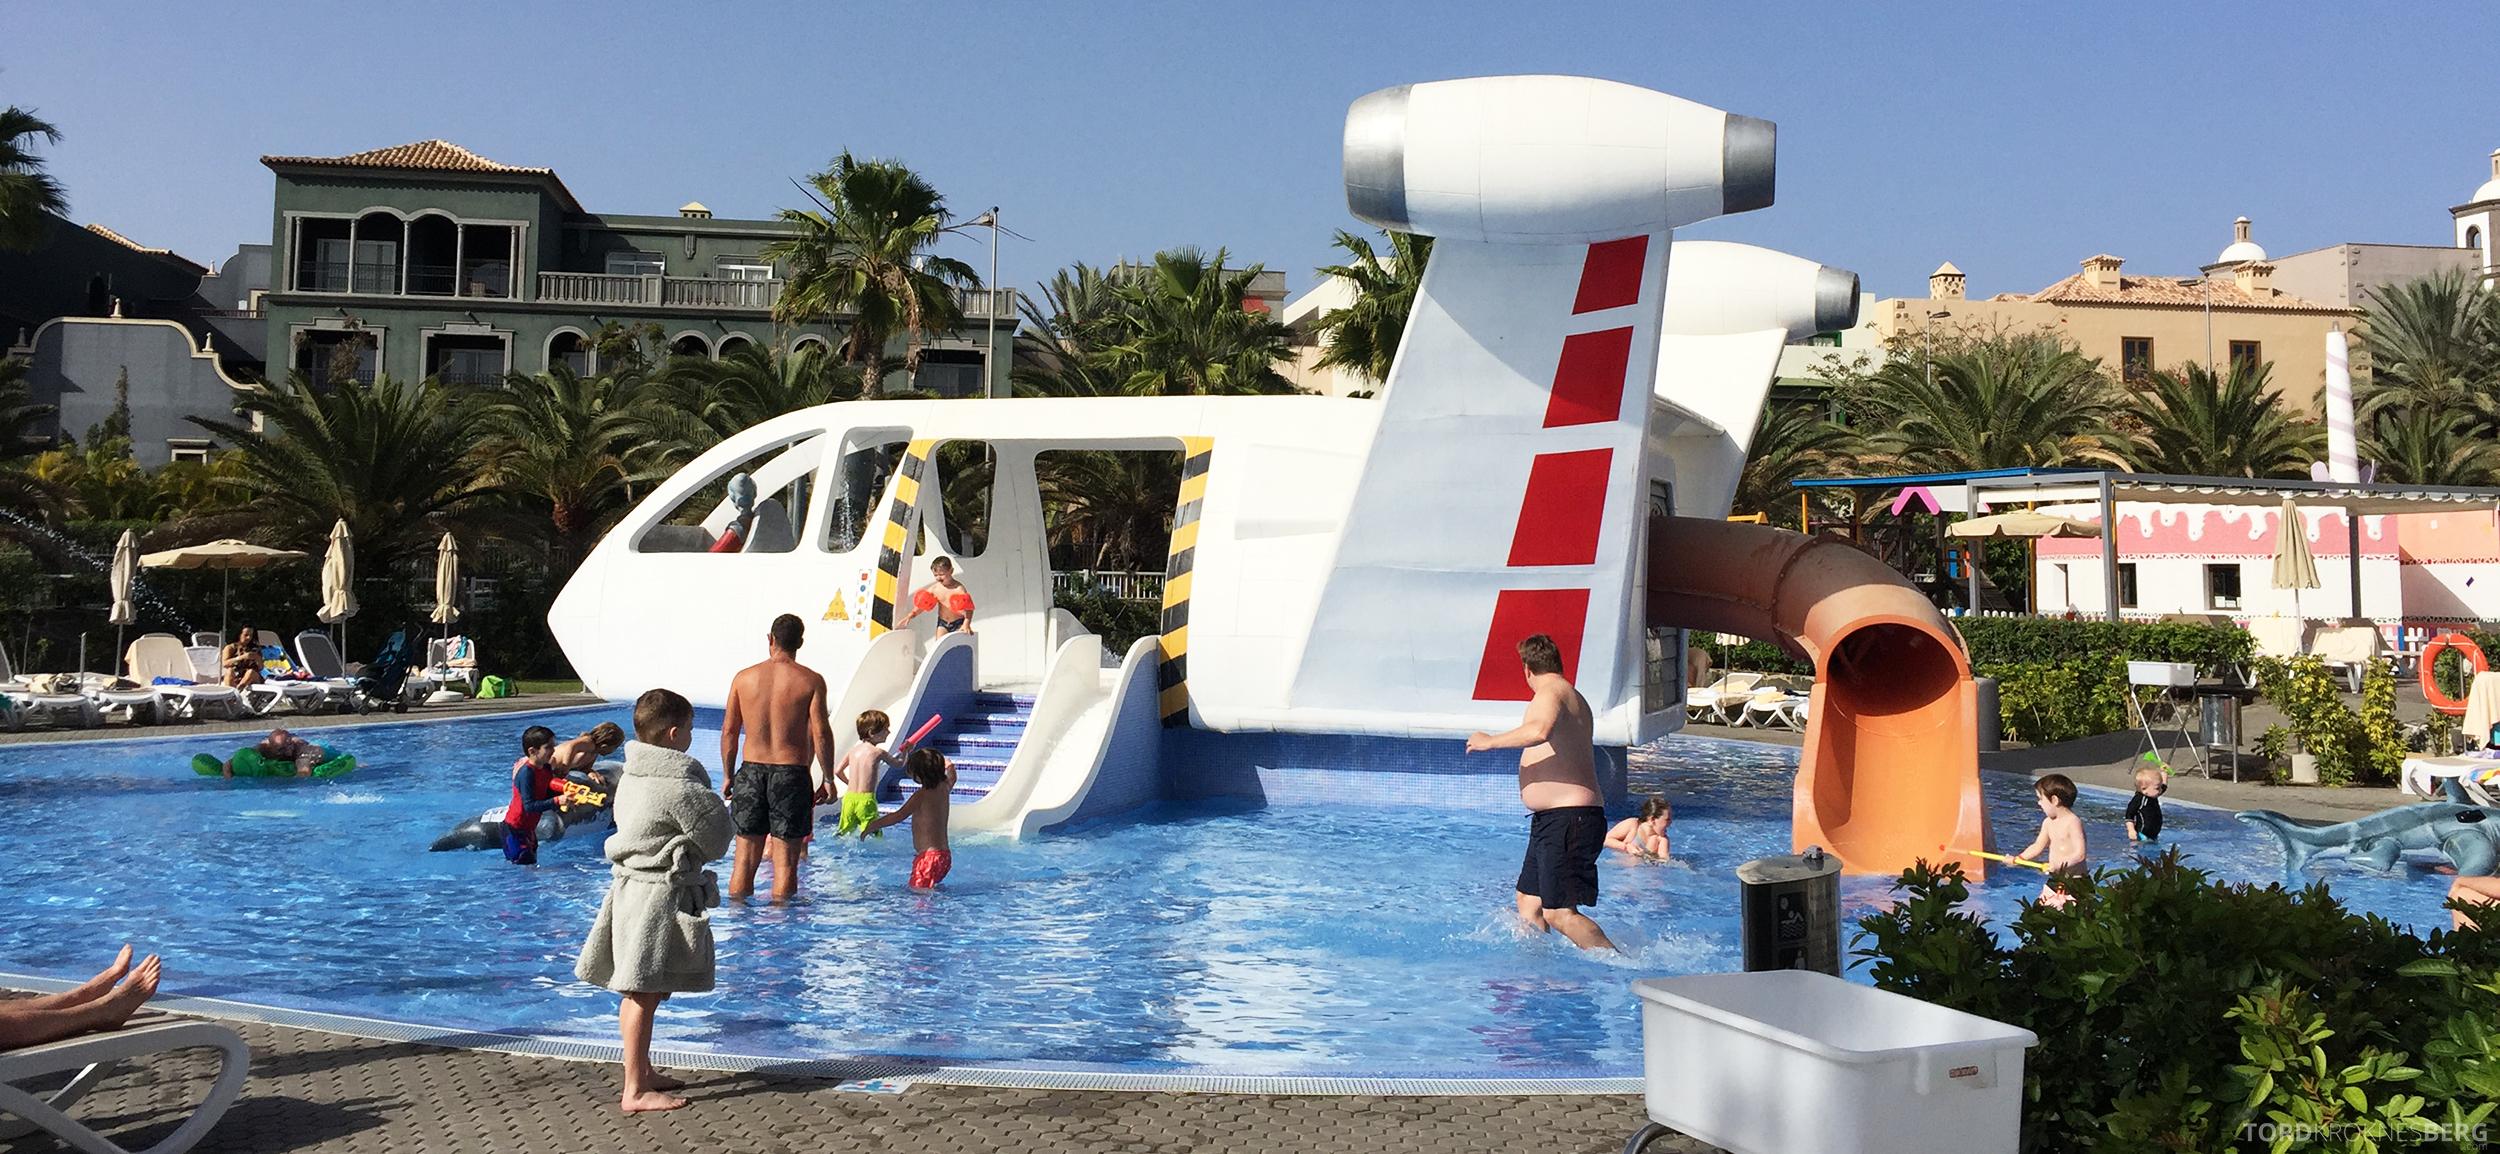 ClubHotel RIU Gran Canaria barnebasseng